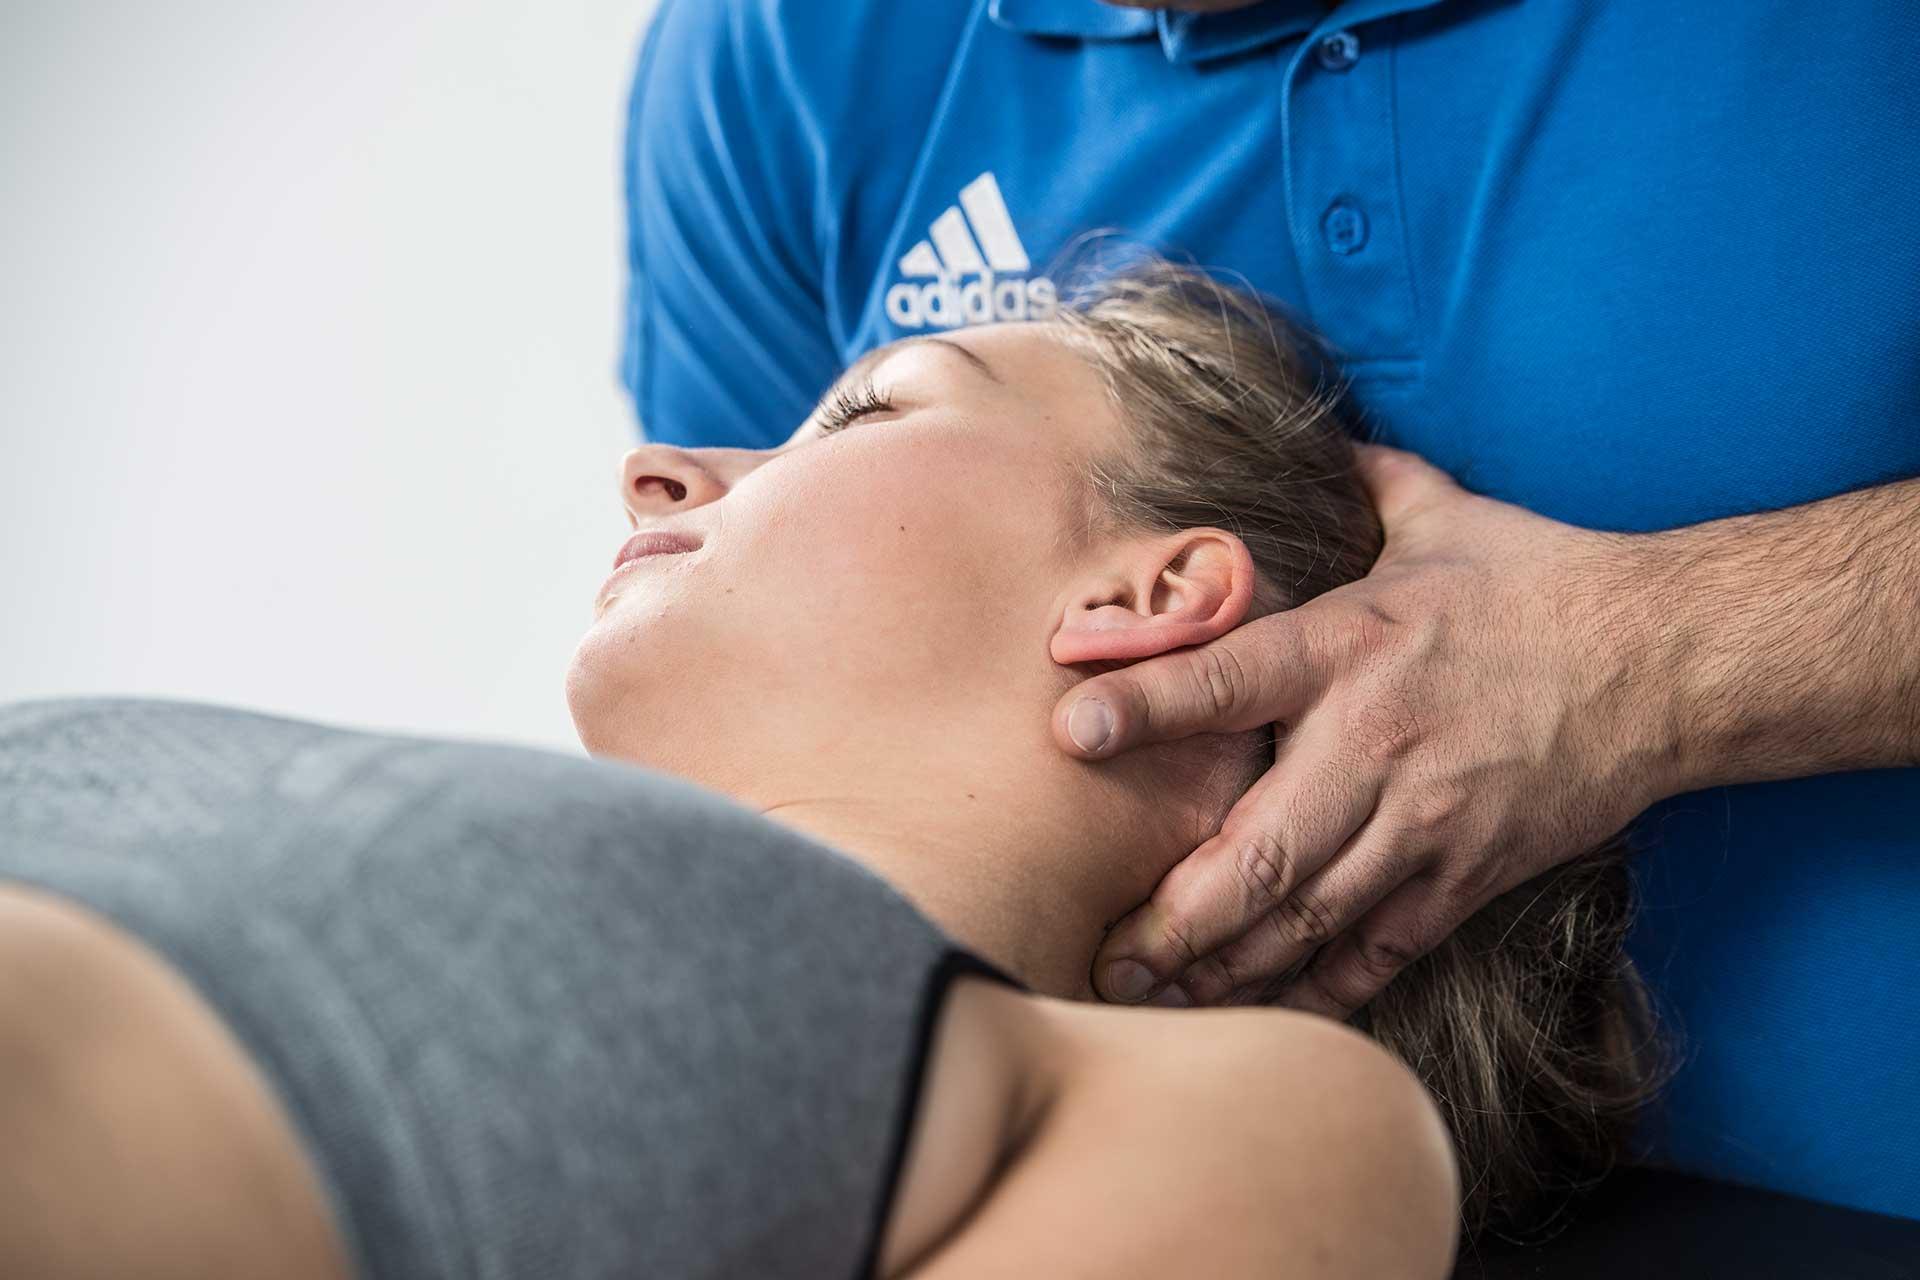 Die richtige Behandlung eines HWS-Syndroms ist ausschlaggebend für die Heilung  und das Wohlbefinden